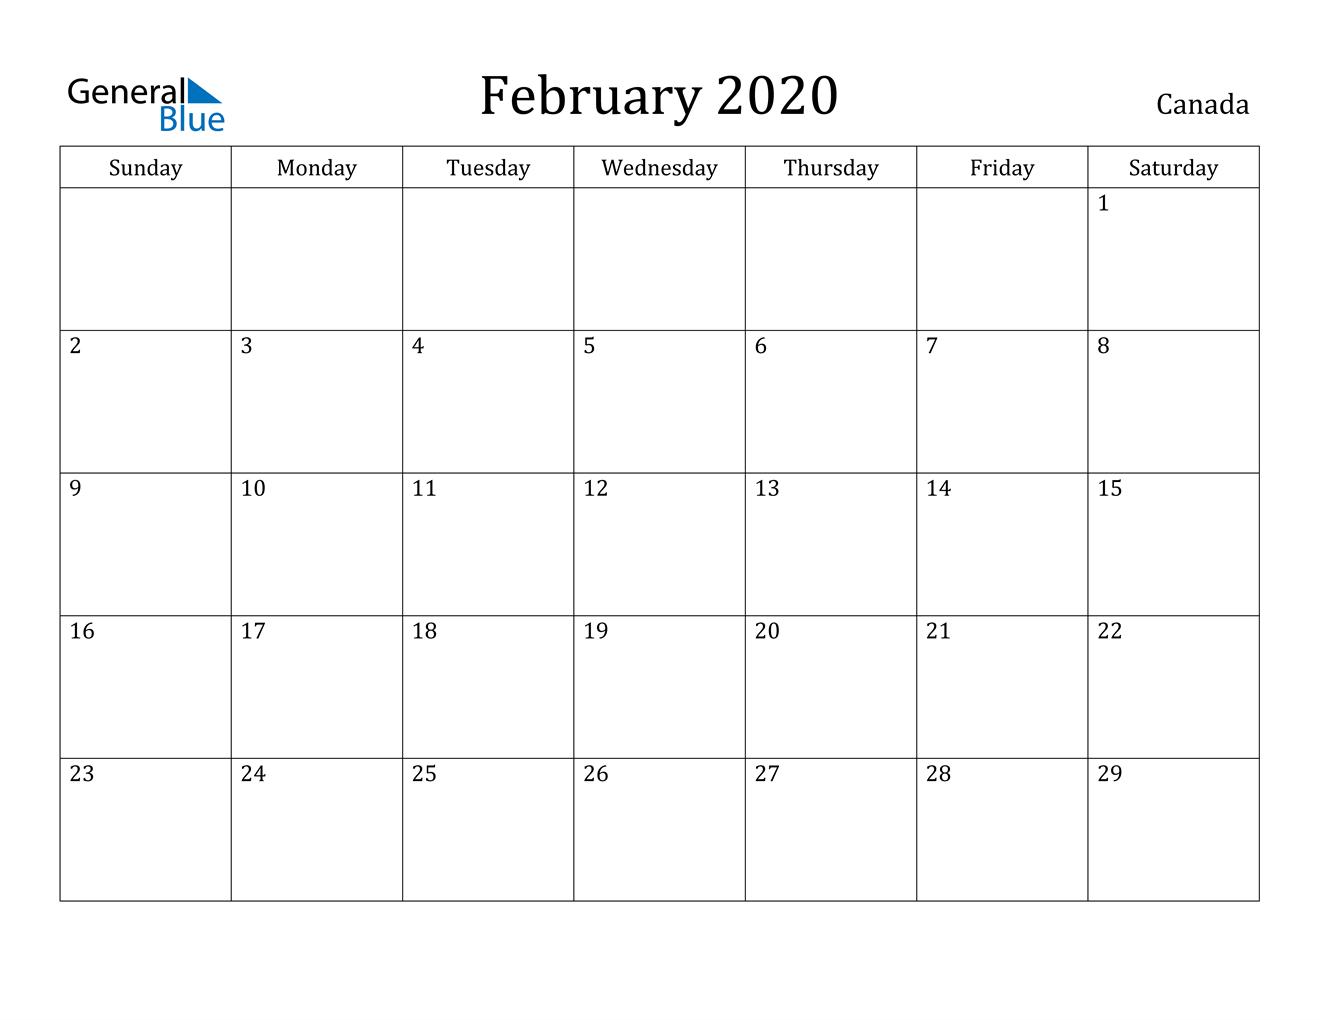 February 2020 Calendar - Canada regarding Free Printable 2020 Canadian Calendar